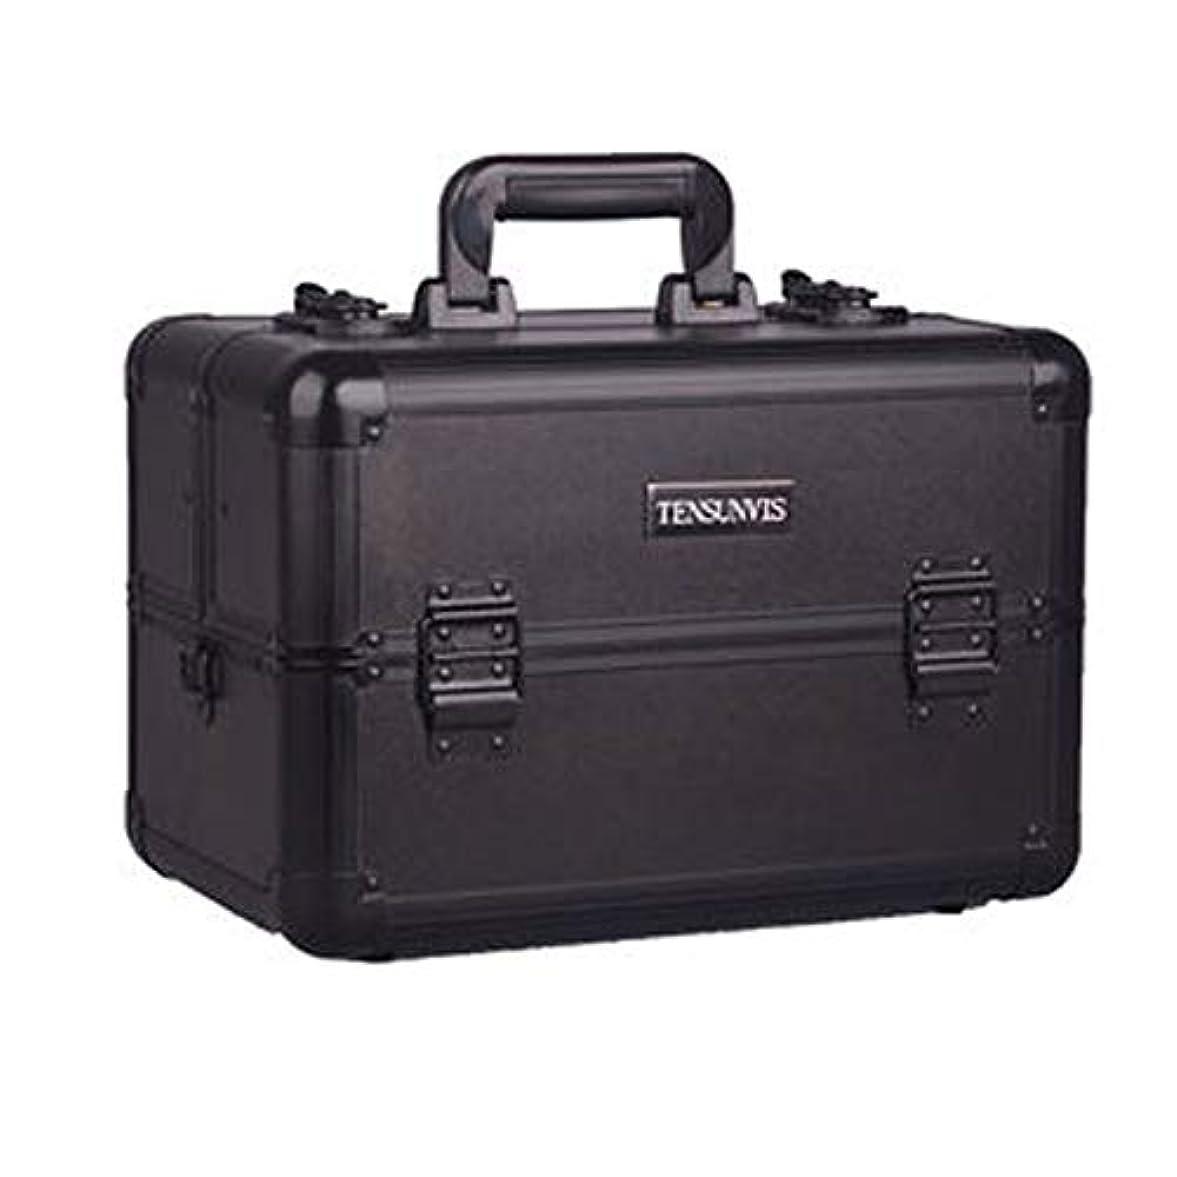 プロ専用 メイクボックス ブラック ヘアメイク プロ 大容量 軽量 高品質 多機能 I-HT-405AB